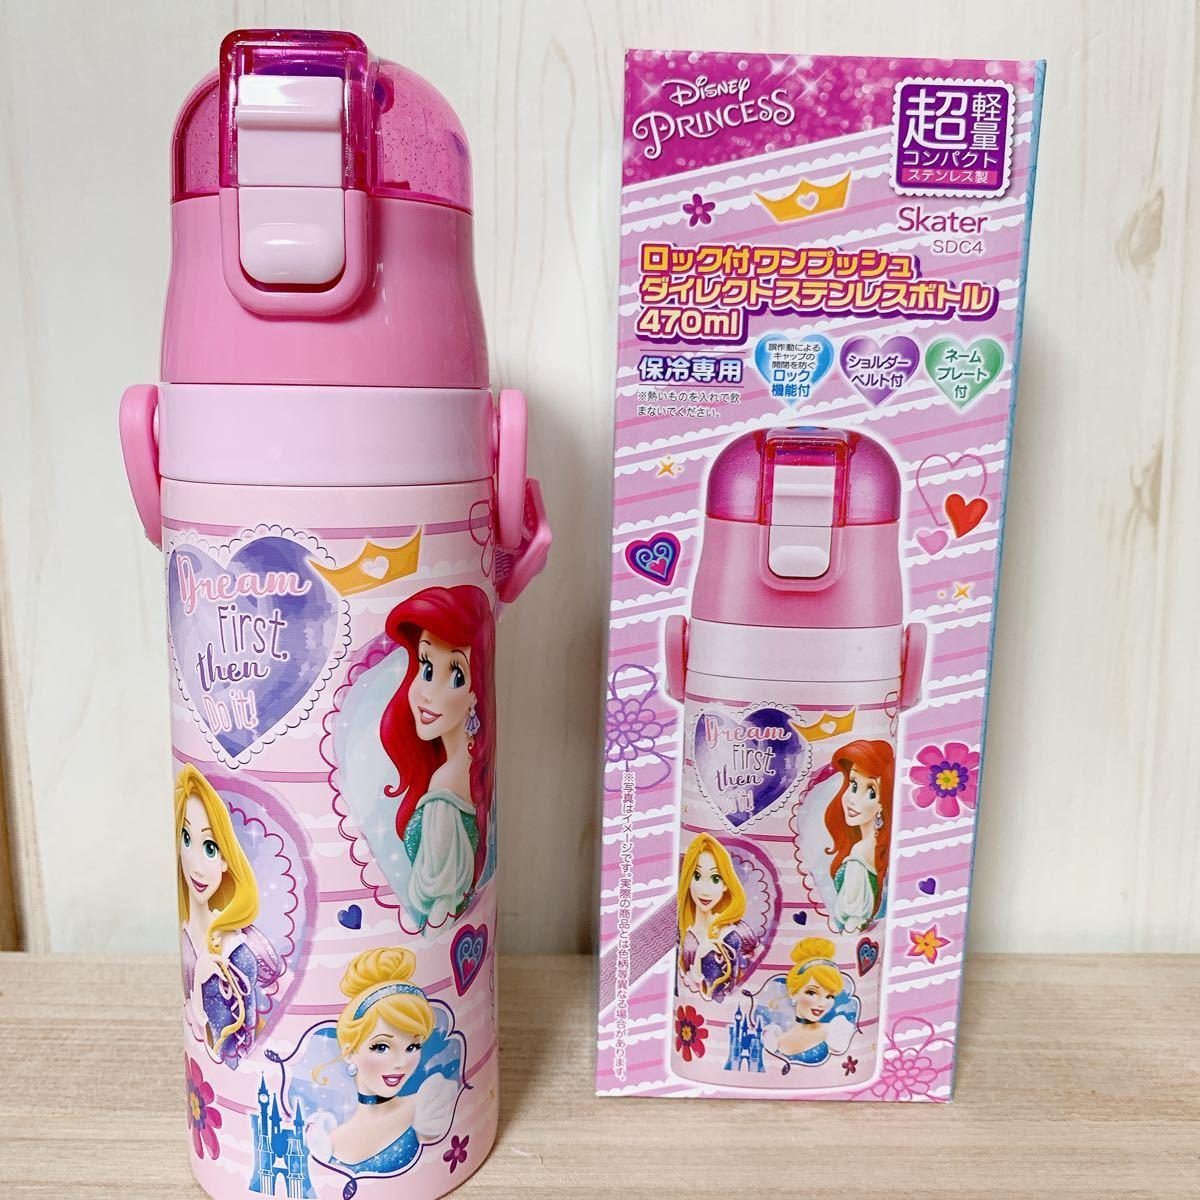 プリンセス☆超軽量 470ml ダイレクトステンレスボトル